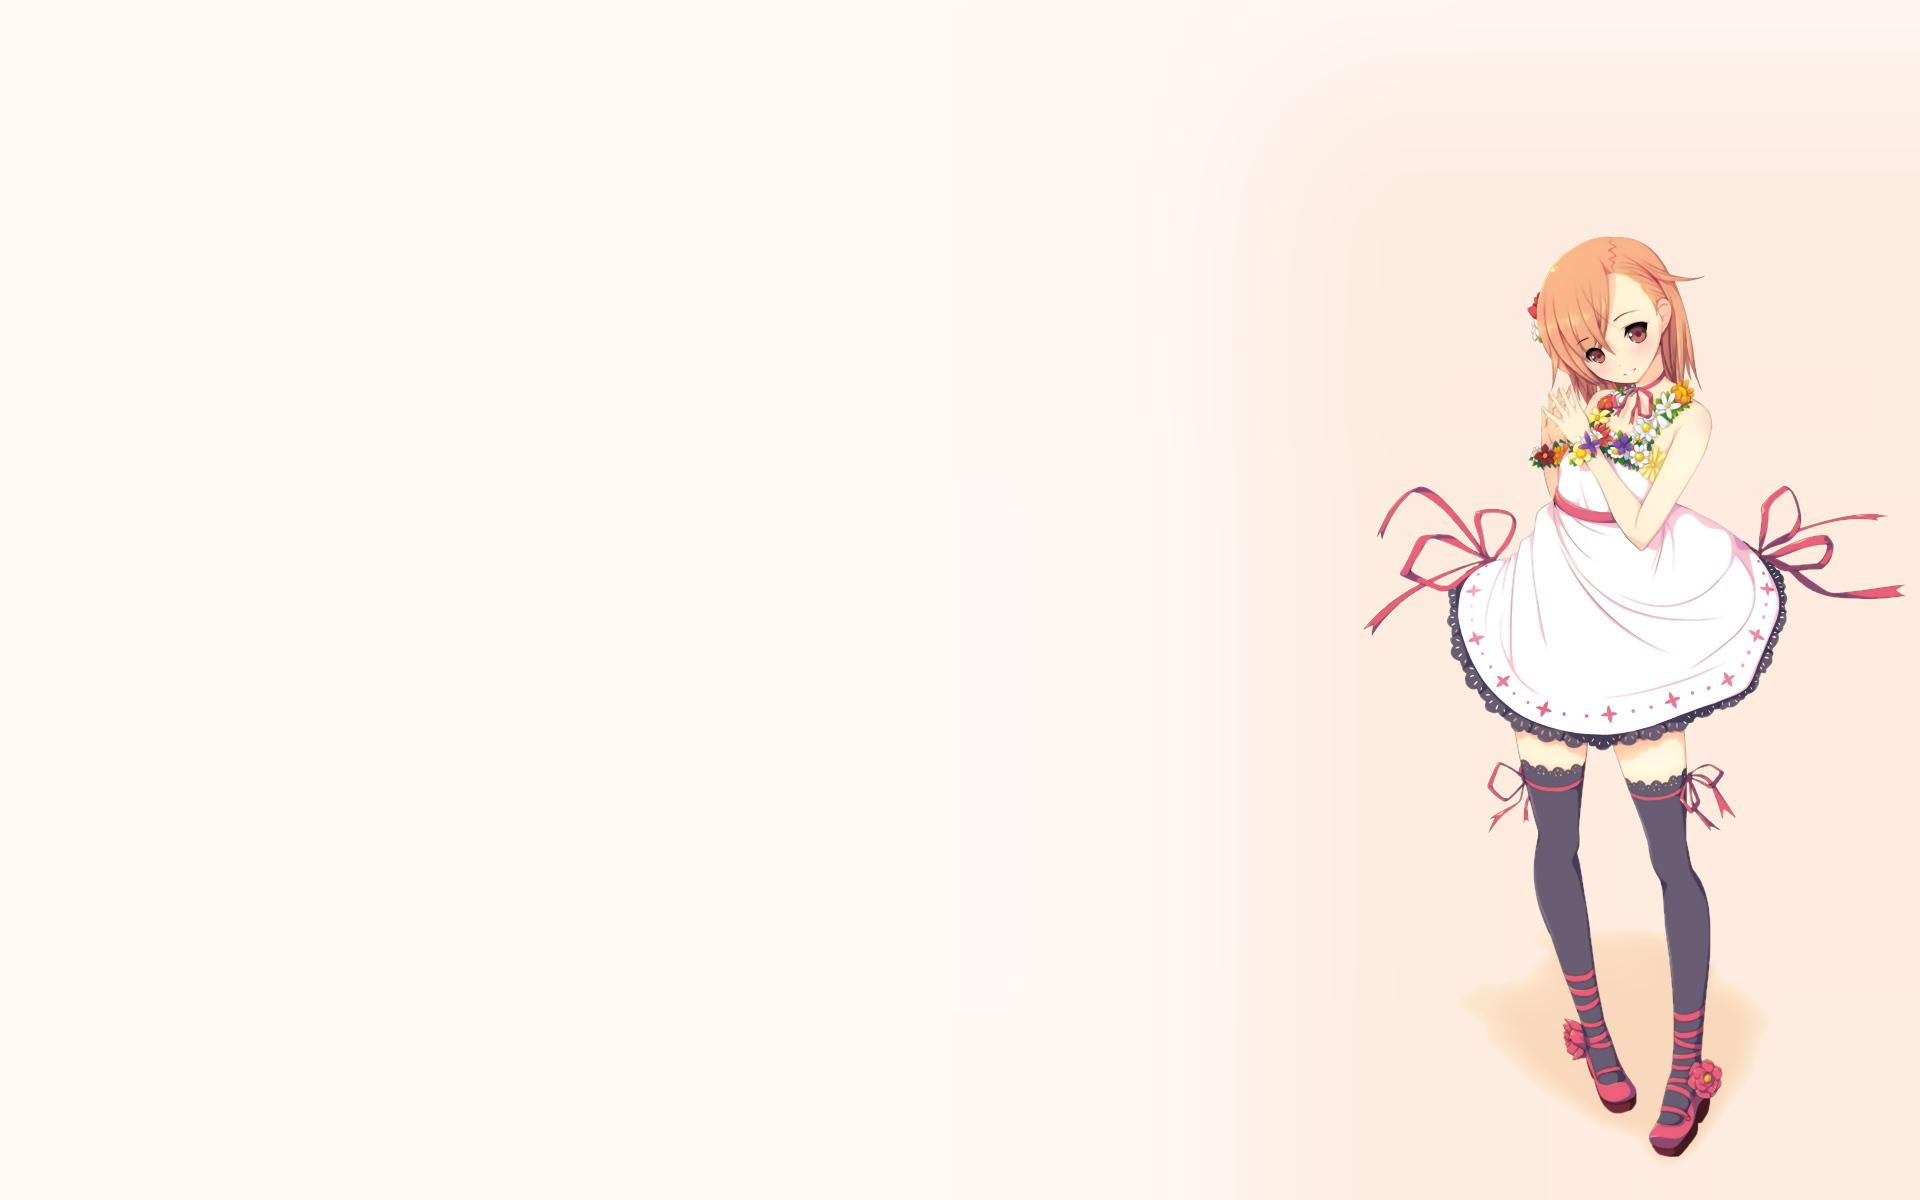 blush brown_eyes dress flowers koflif misaka_mikoto orange_hair ribbons short_hair thighhighs to_aru_majutsu_no_index